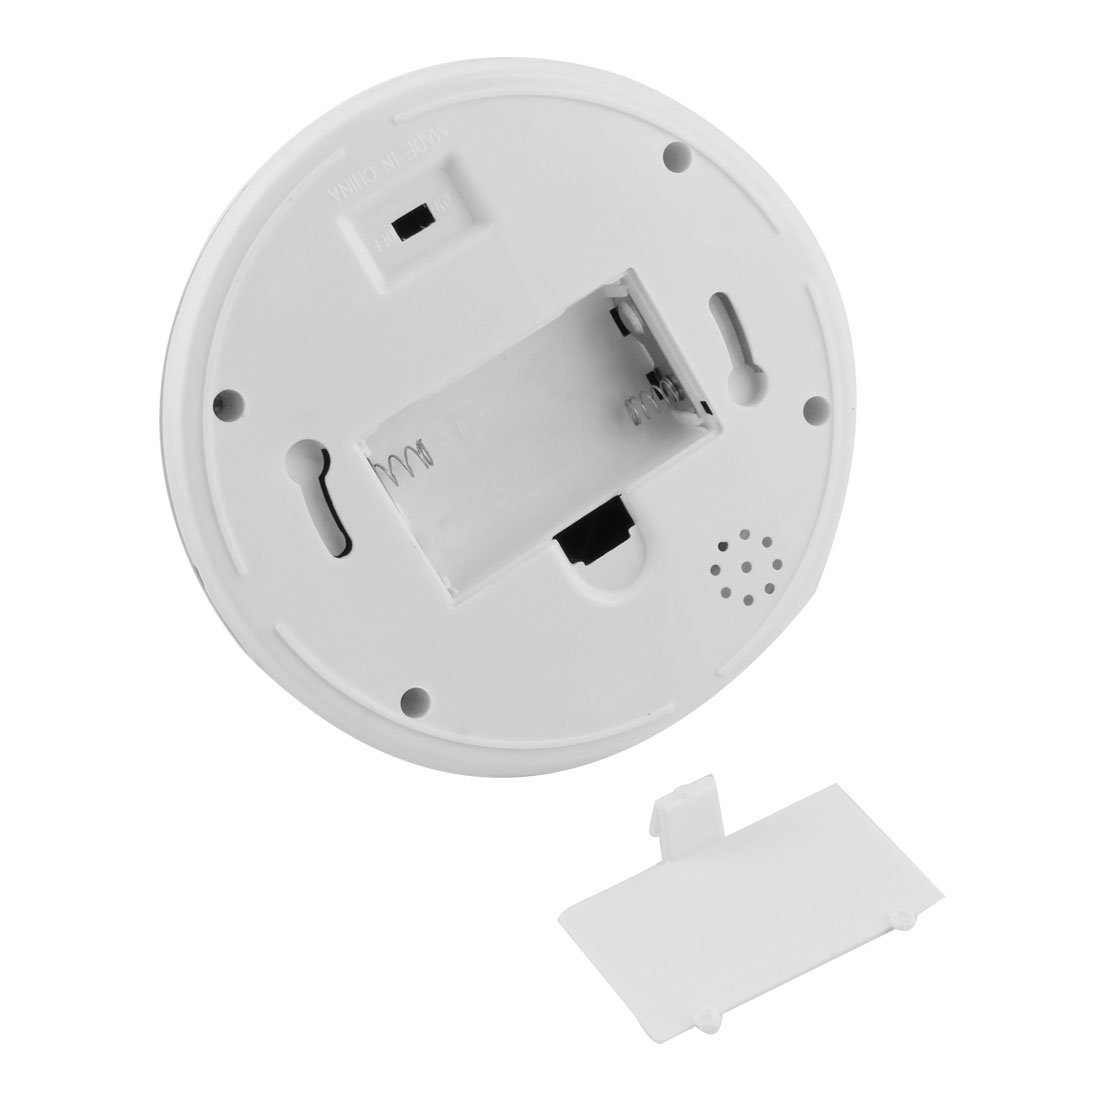 Amazon.com: eDealMax plástica de la bóveda en Forma de batería Powered Mirada realista de la cámara de vigilancia de seguridad falso: Electronics